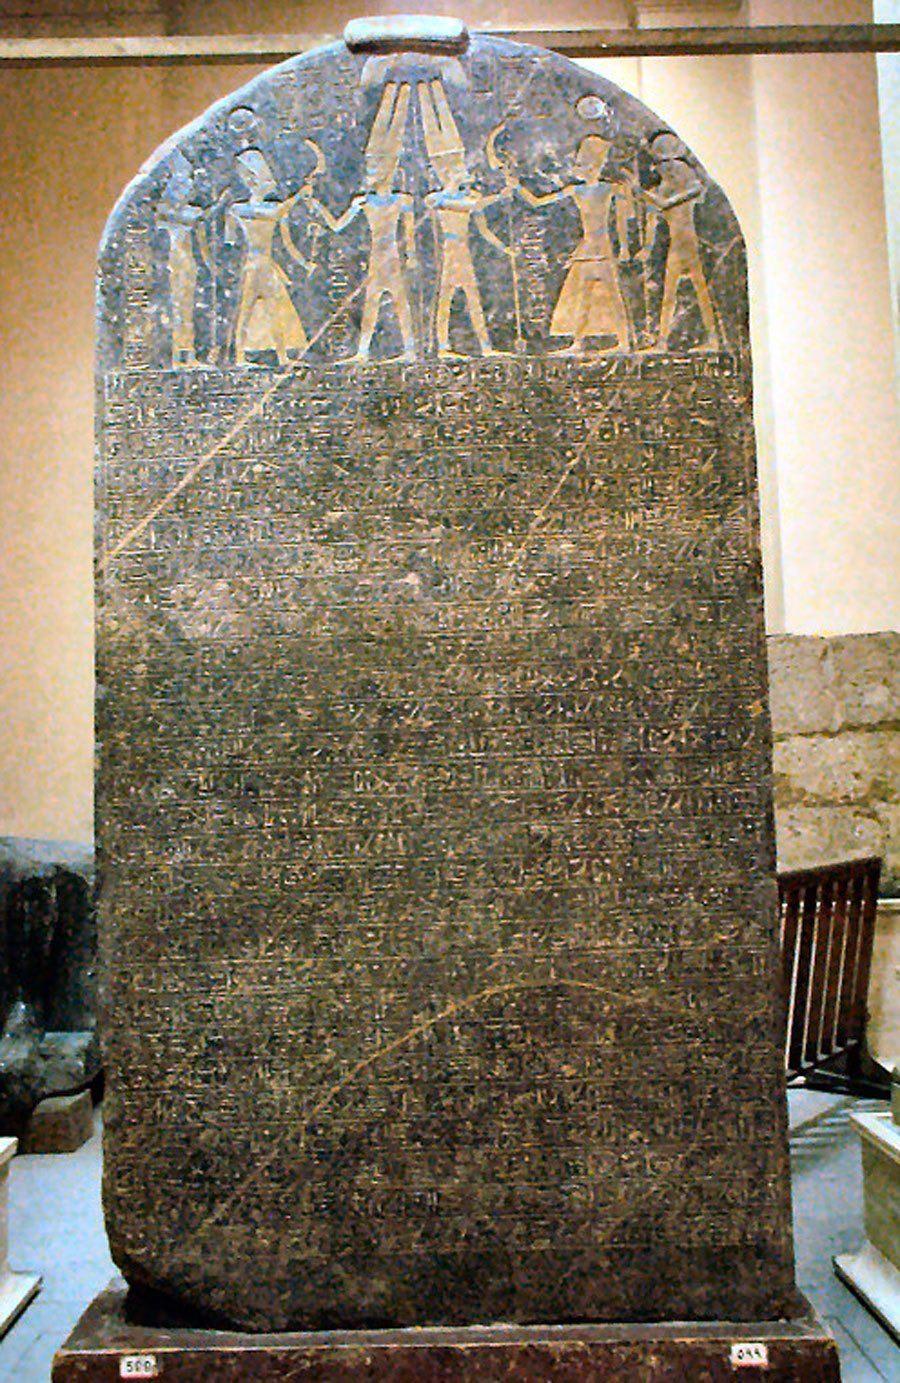 Estela de Merenptah